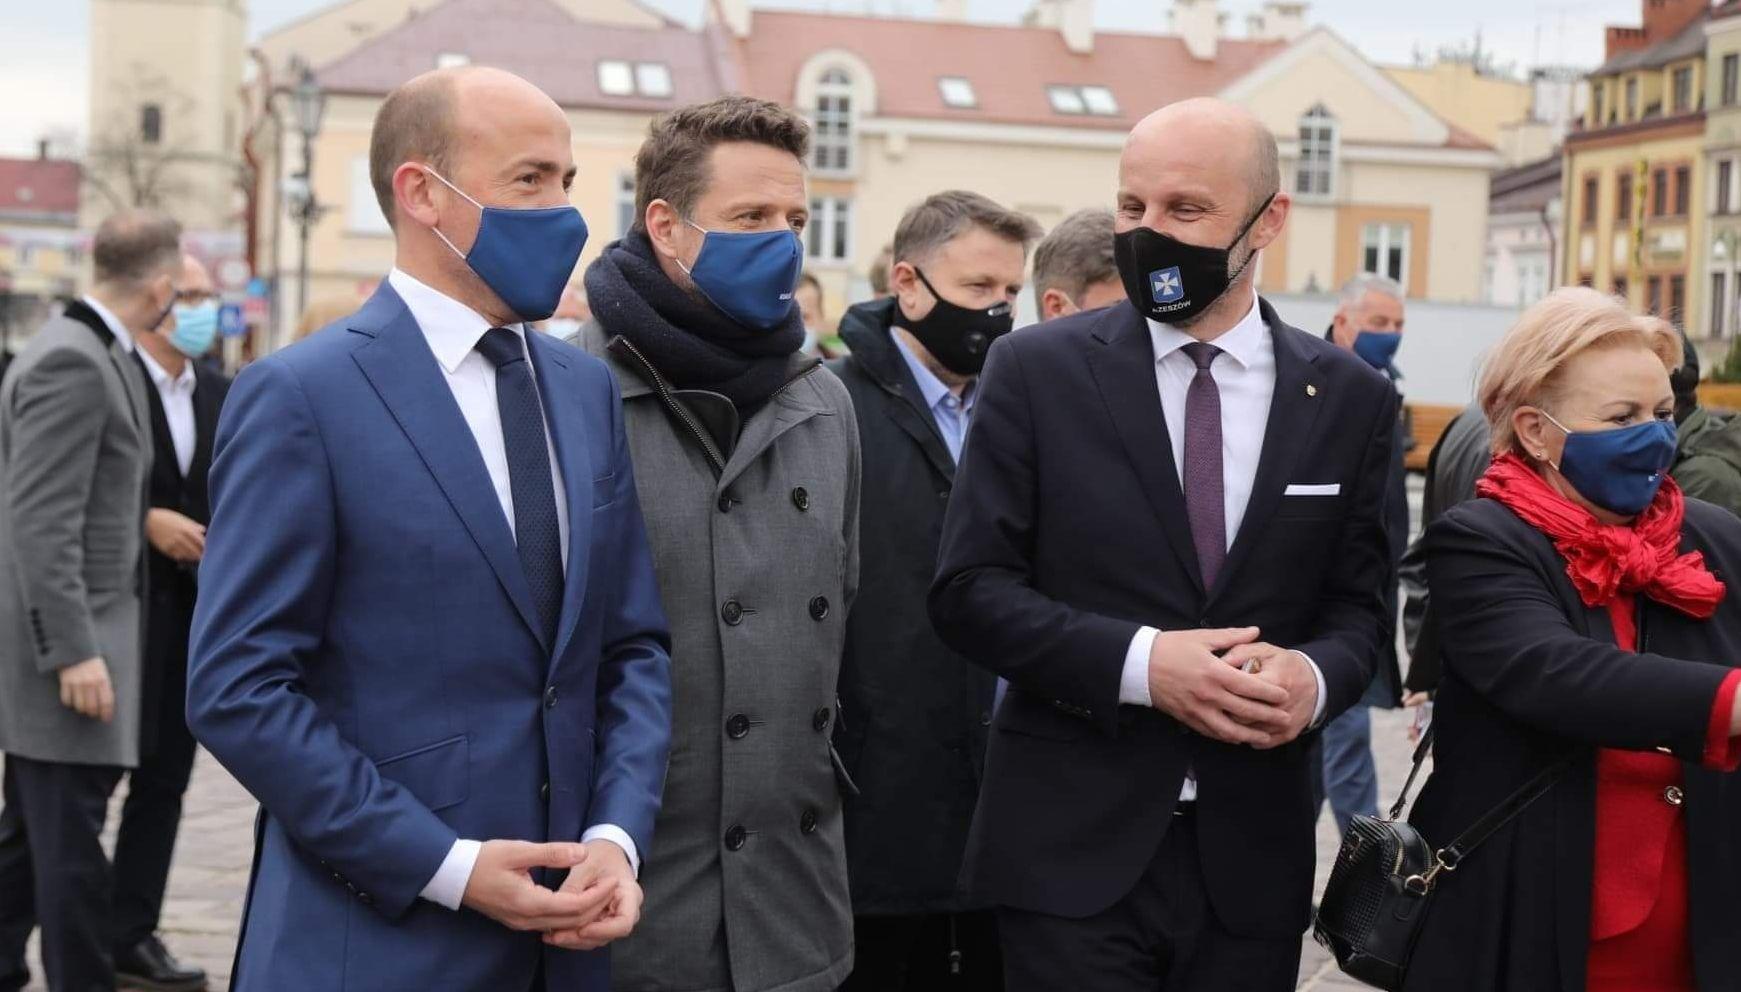 Borys Budka w Rzeszowie: - Przełożenie daty wyborów przez PiS świadczy o ich słabości [ZDJĘCIA, WIDEO] - Zdjęcie główne